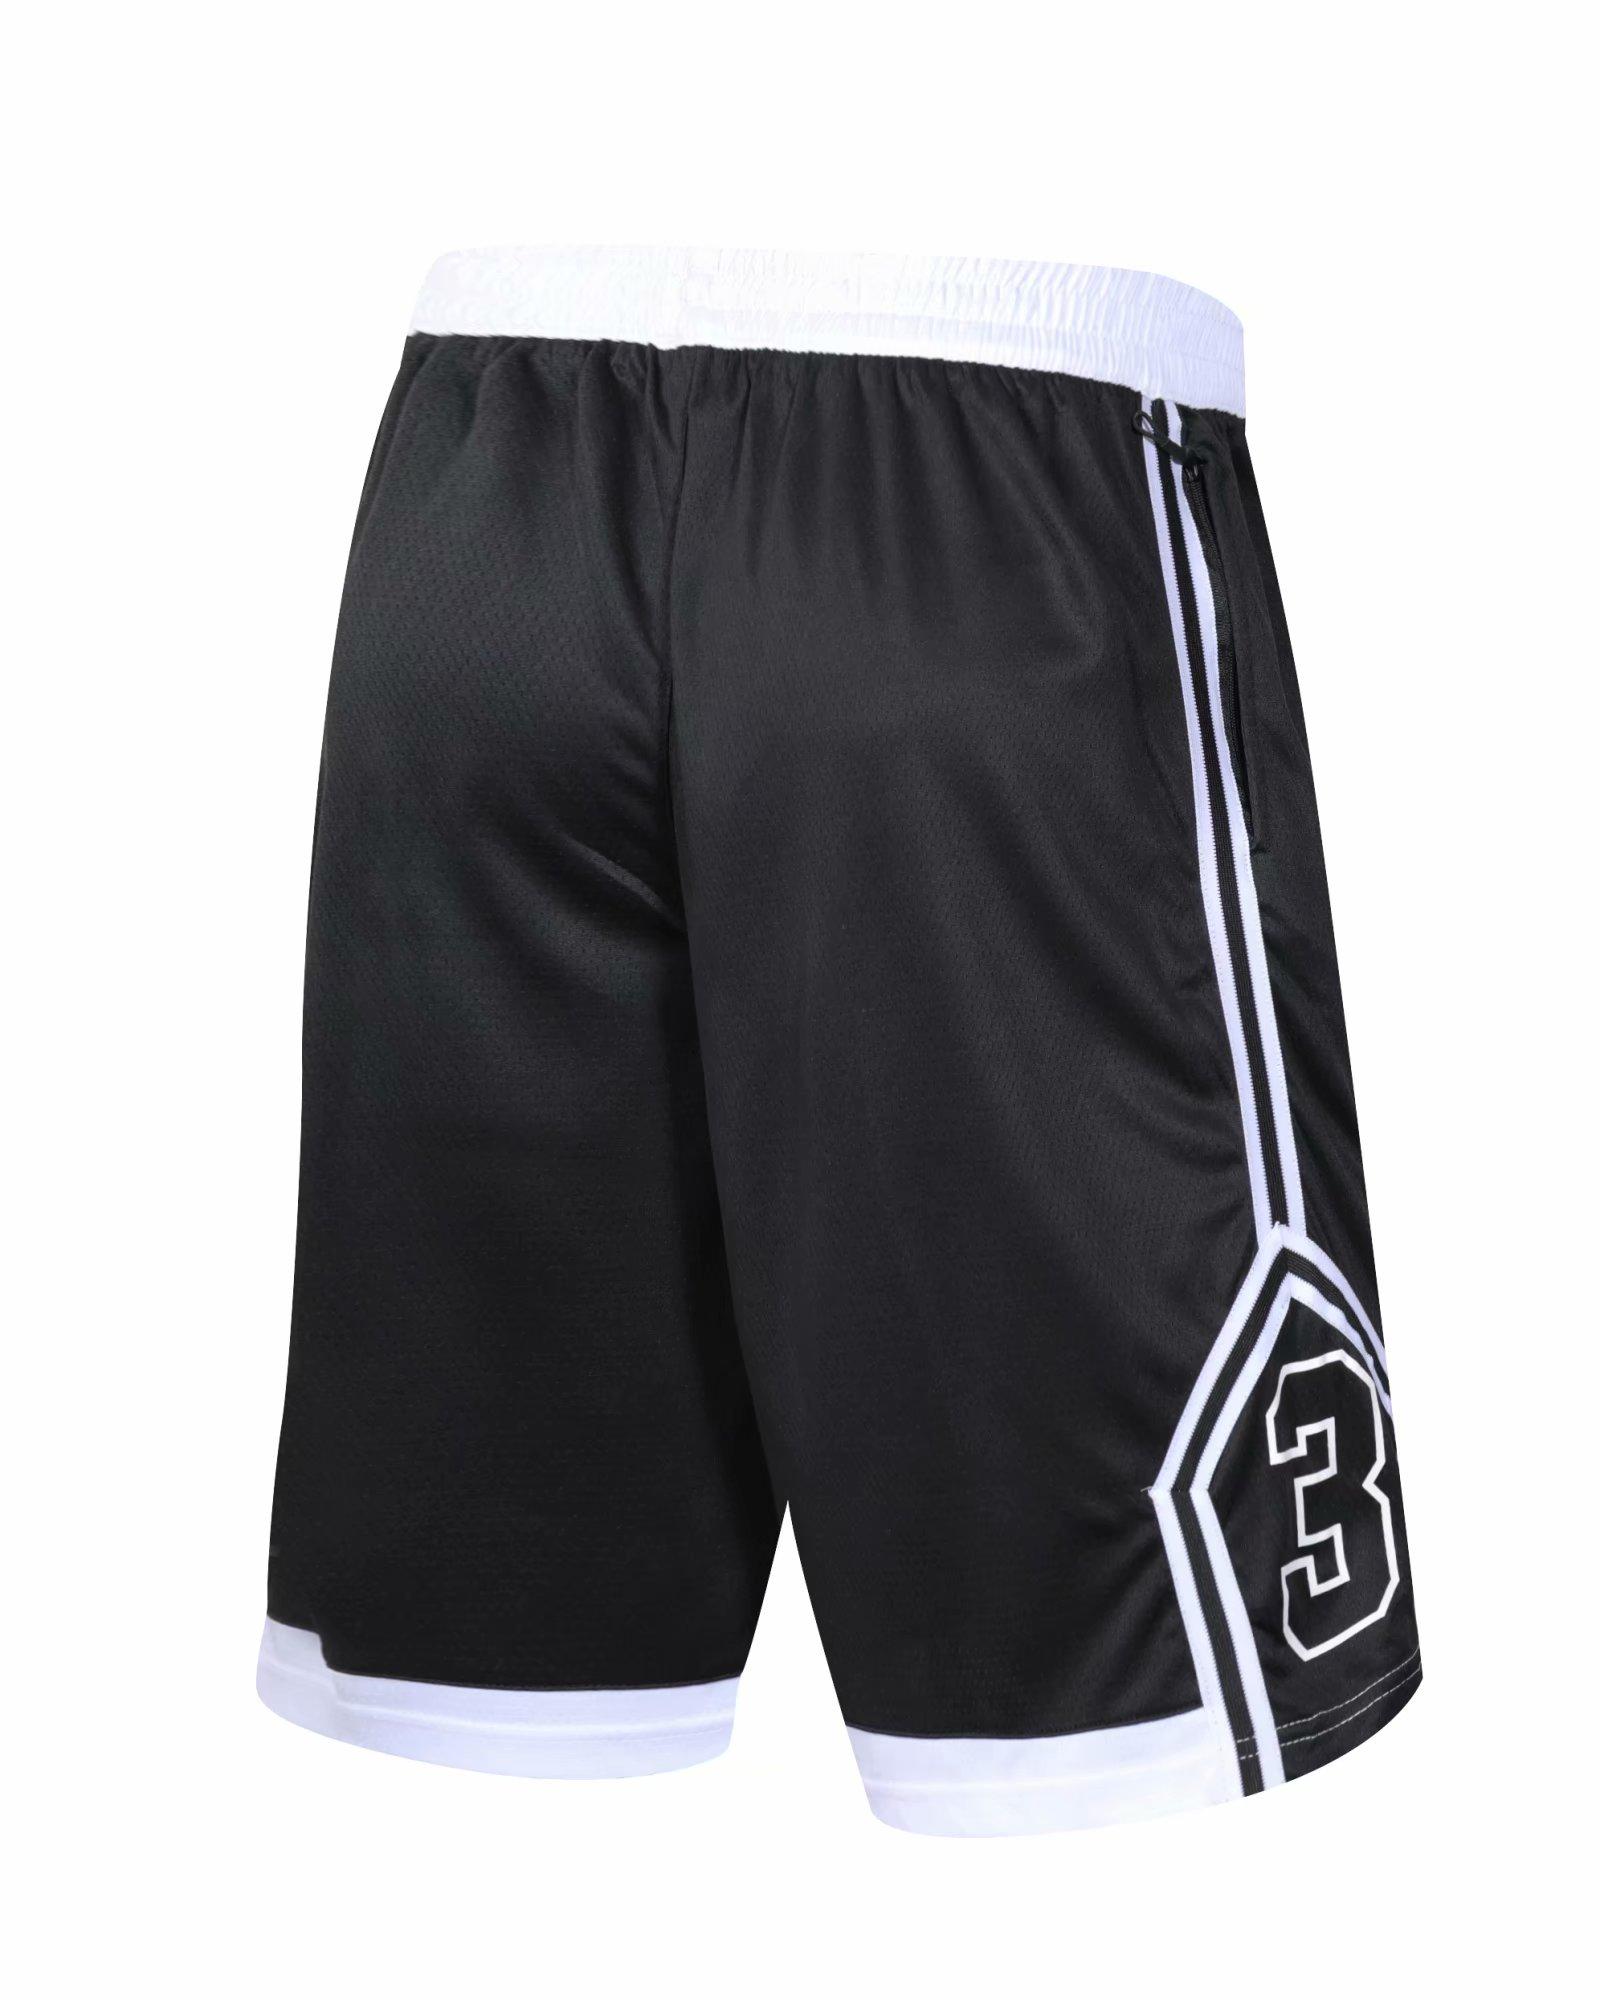 Diszipliniert New Mint Green Basketball Fünf Punkte Sommer Sport Hosen, Europäischen Code Standard M-3xl, Freies Verschiffen Um Der Bequemlichkeit Des Volkes Zu Entsprechen